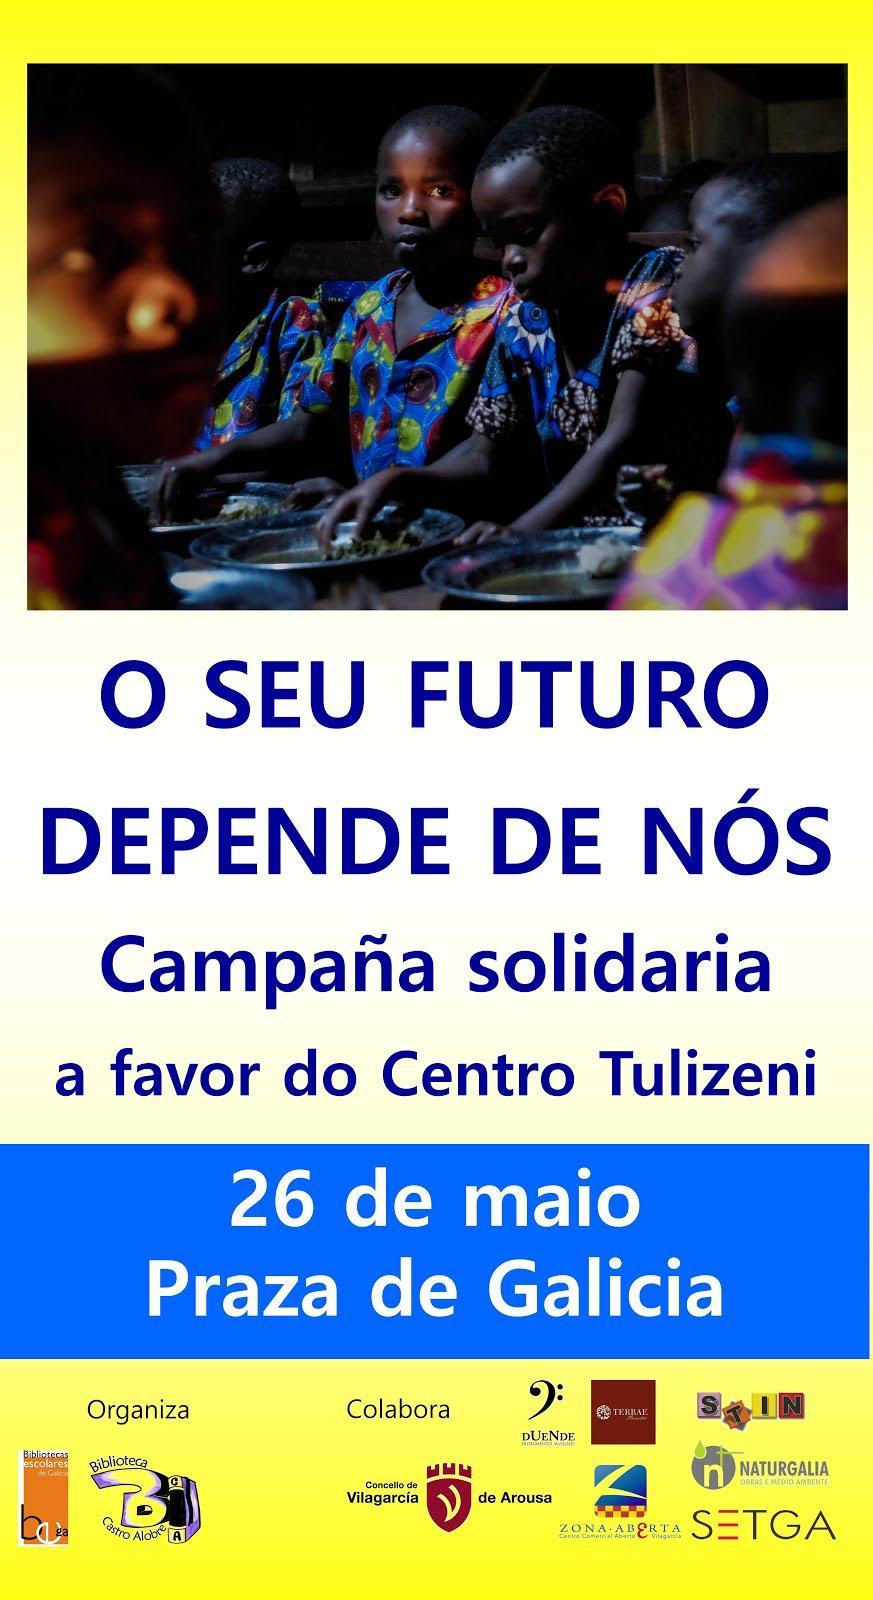 O seu futuro depende de nós